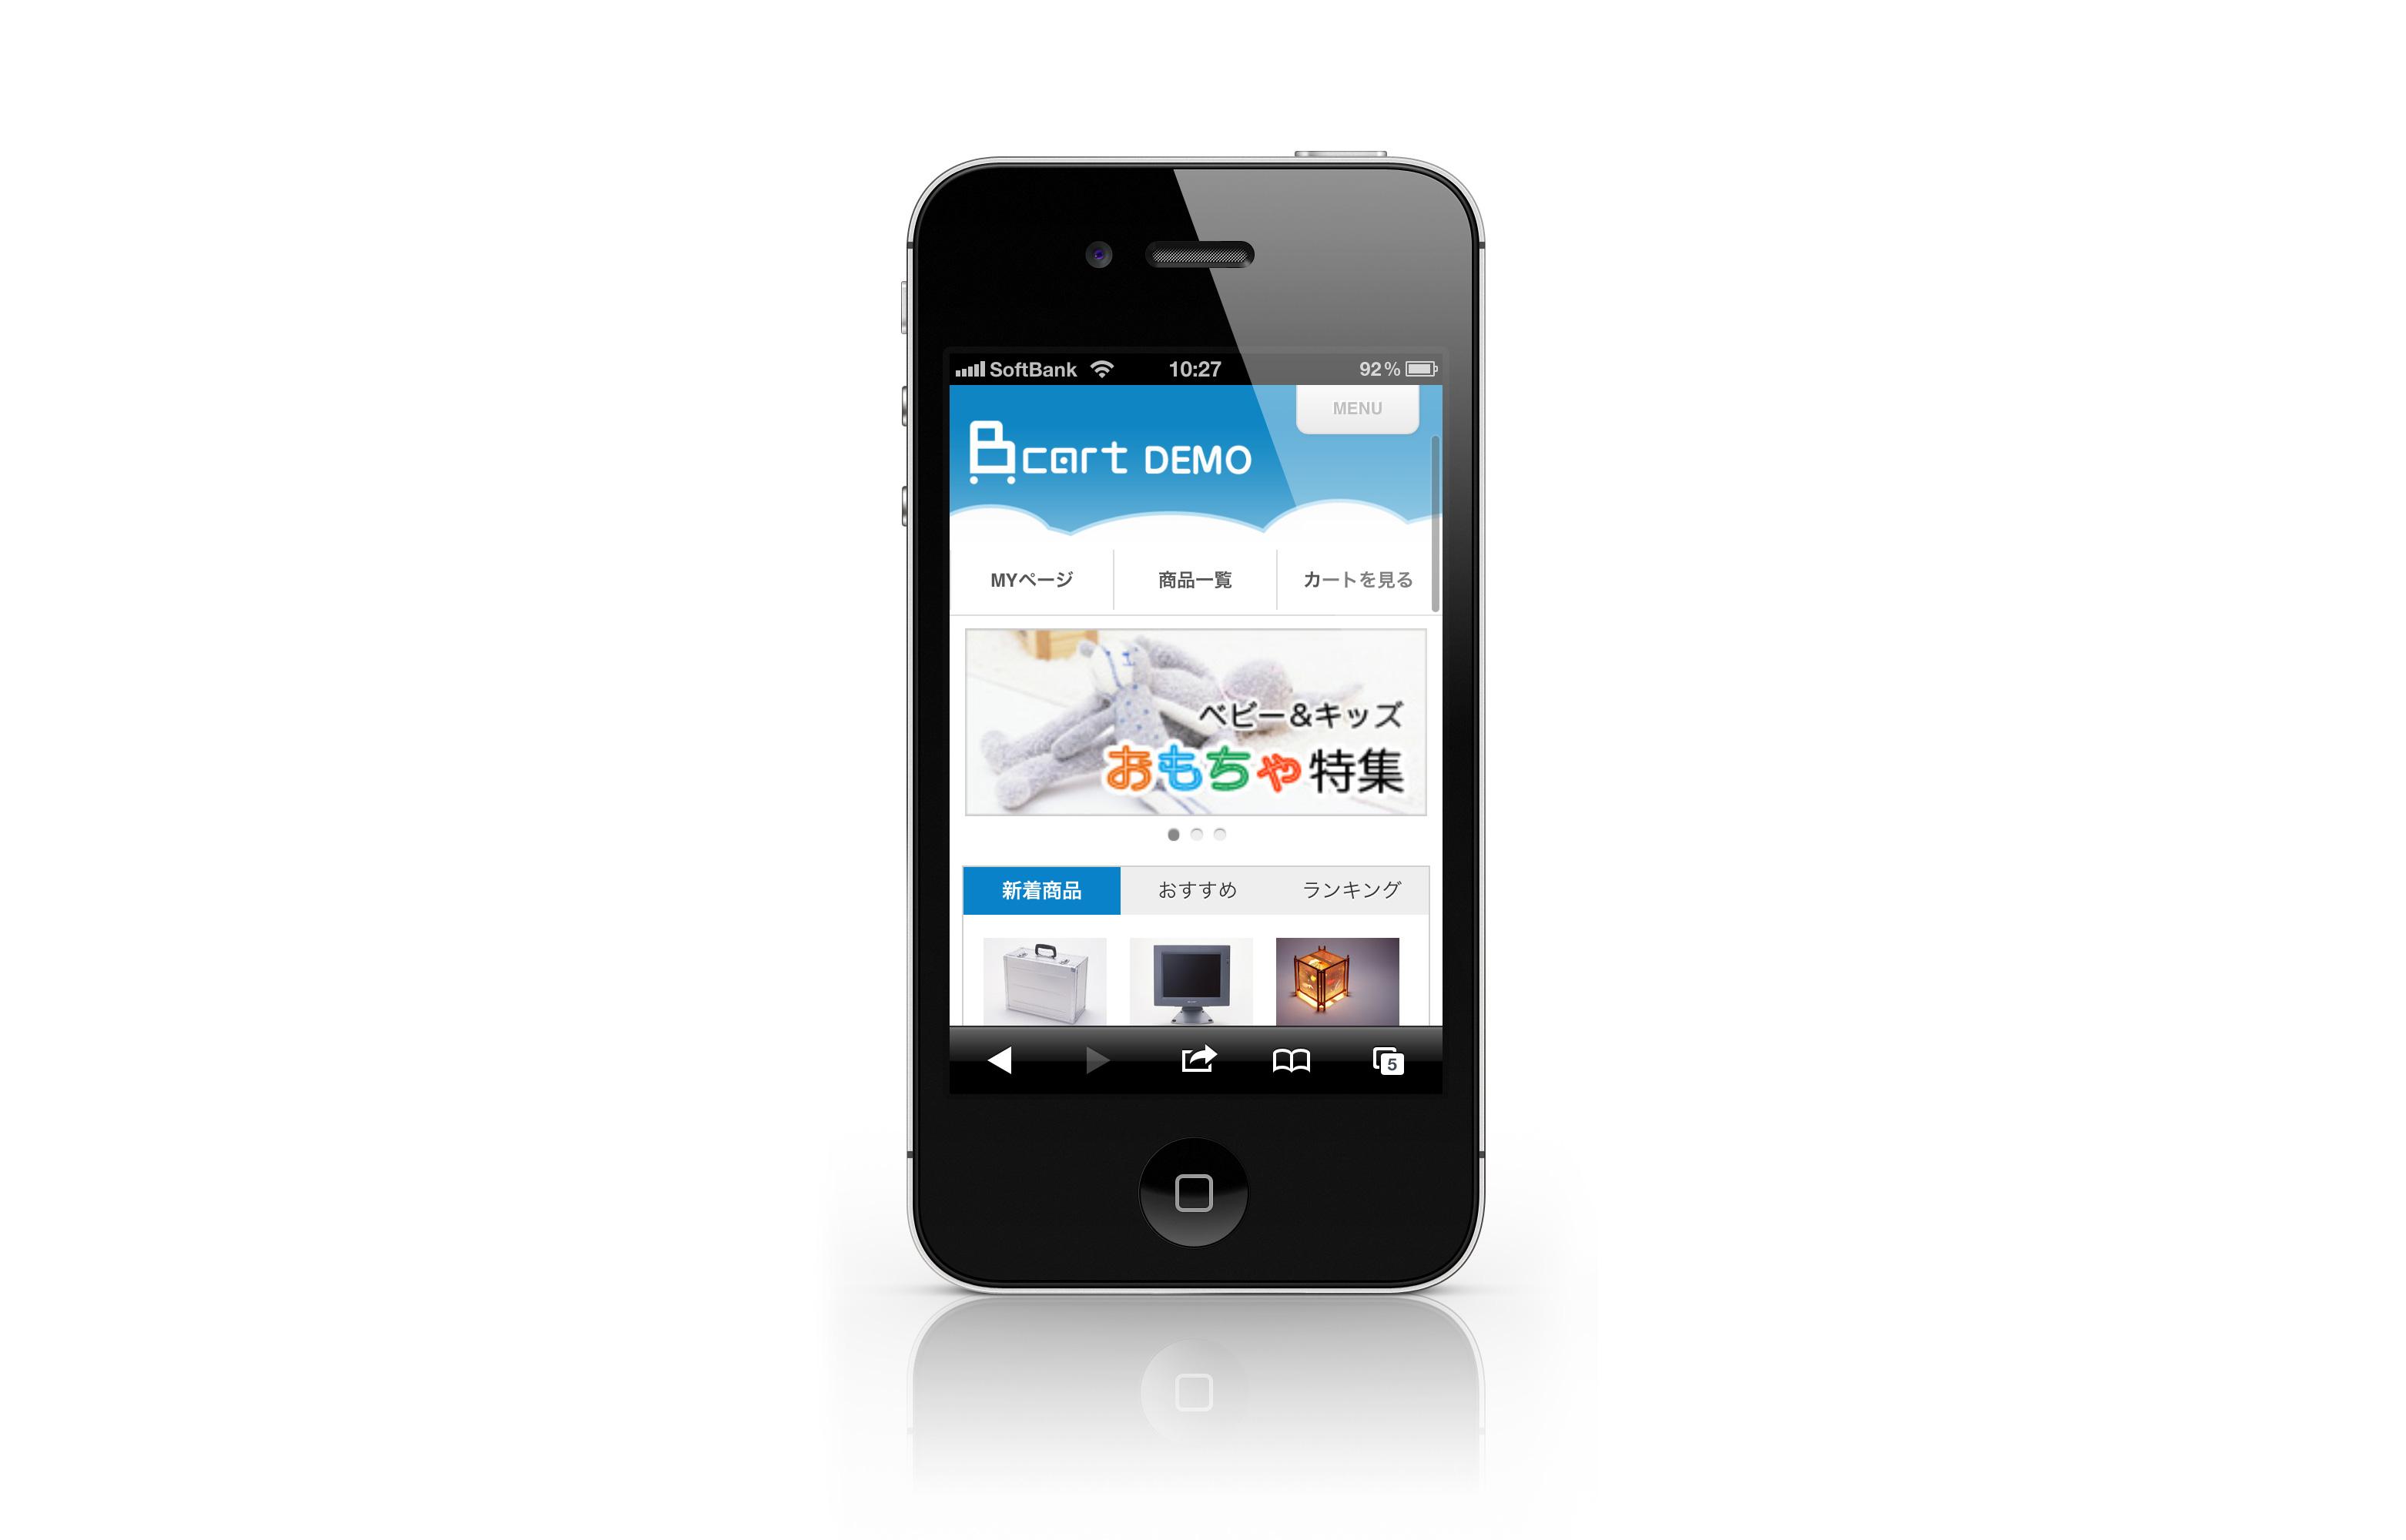 【スマートフォン表示に対応したBtoB(卸売り)専用サイトを手軽に構築可能】 BtoB専用ECサイト構築ASPサービス「Bカート」のスマートフォン対応β版を提供開始